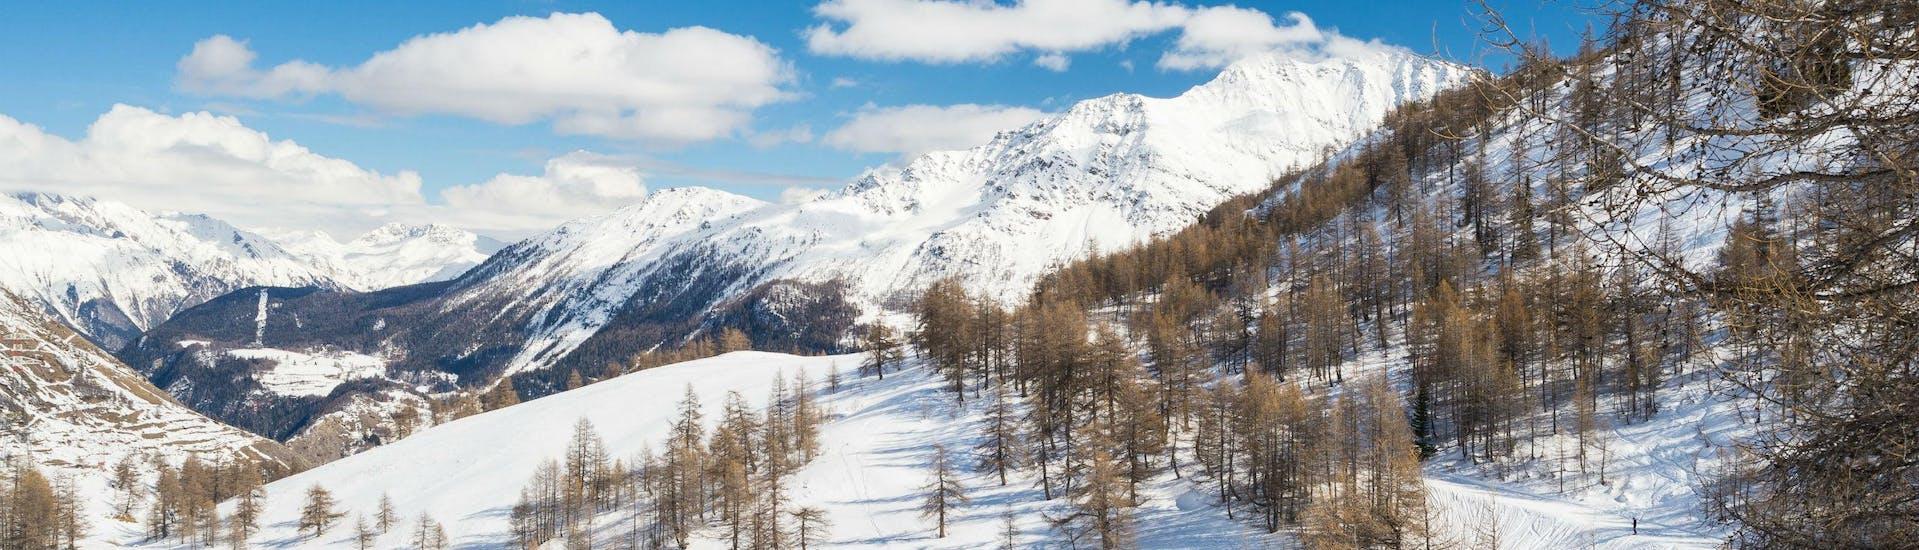 Une image du paysage montagneux enneigé de la station de ski française de La Rosière où les skieurs en herbe peuvent réserver des cours de ski auprès des écoles de ski locales.